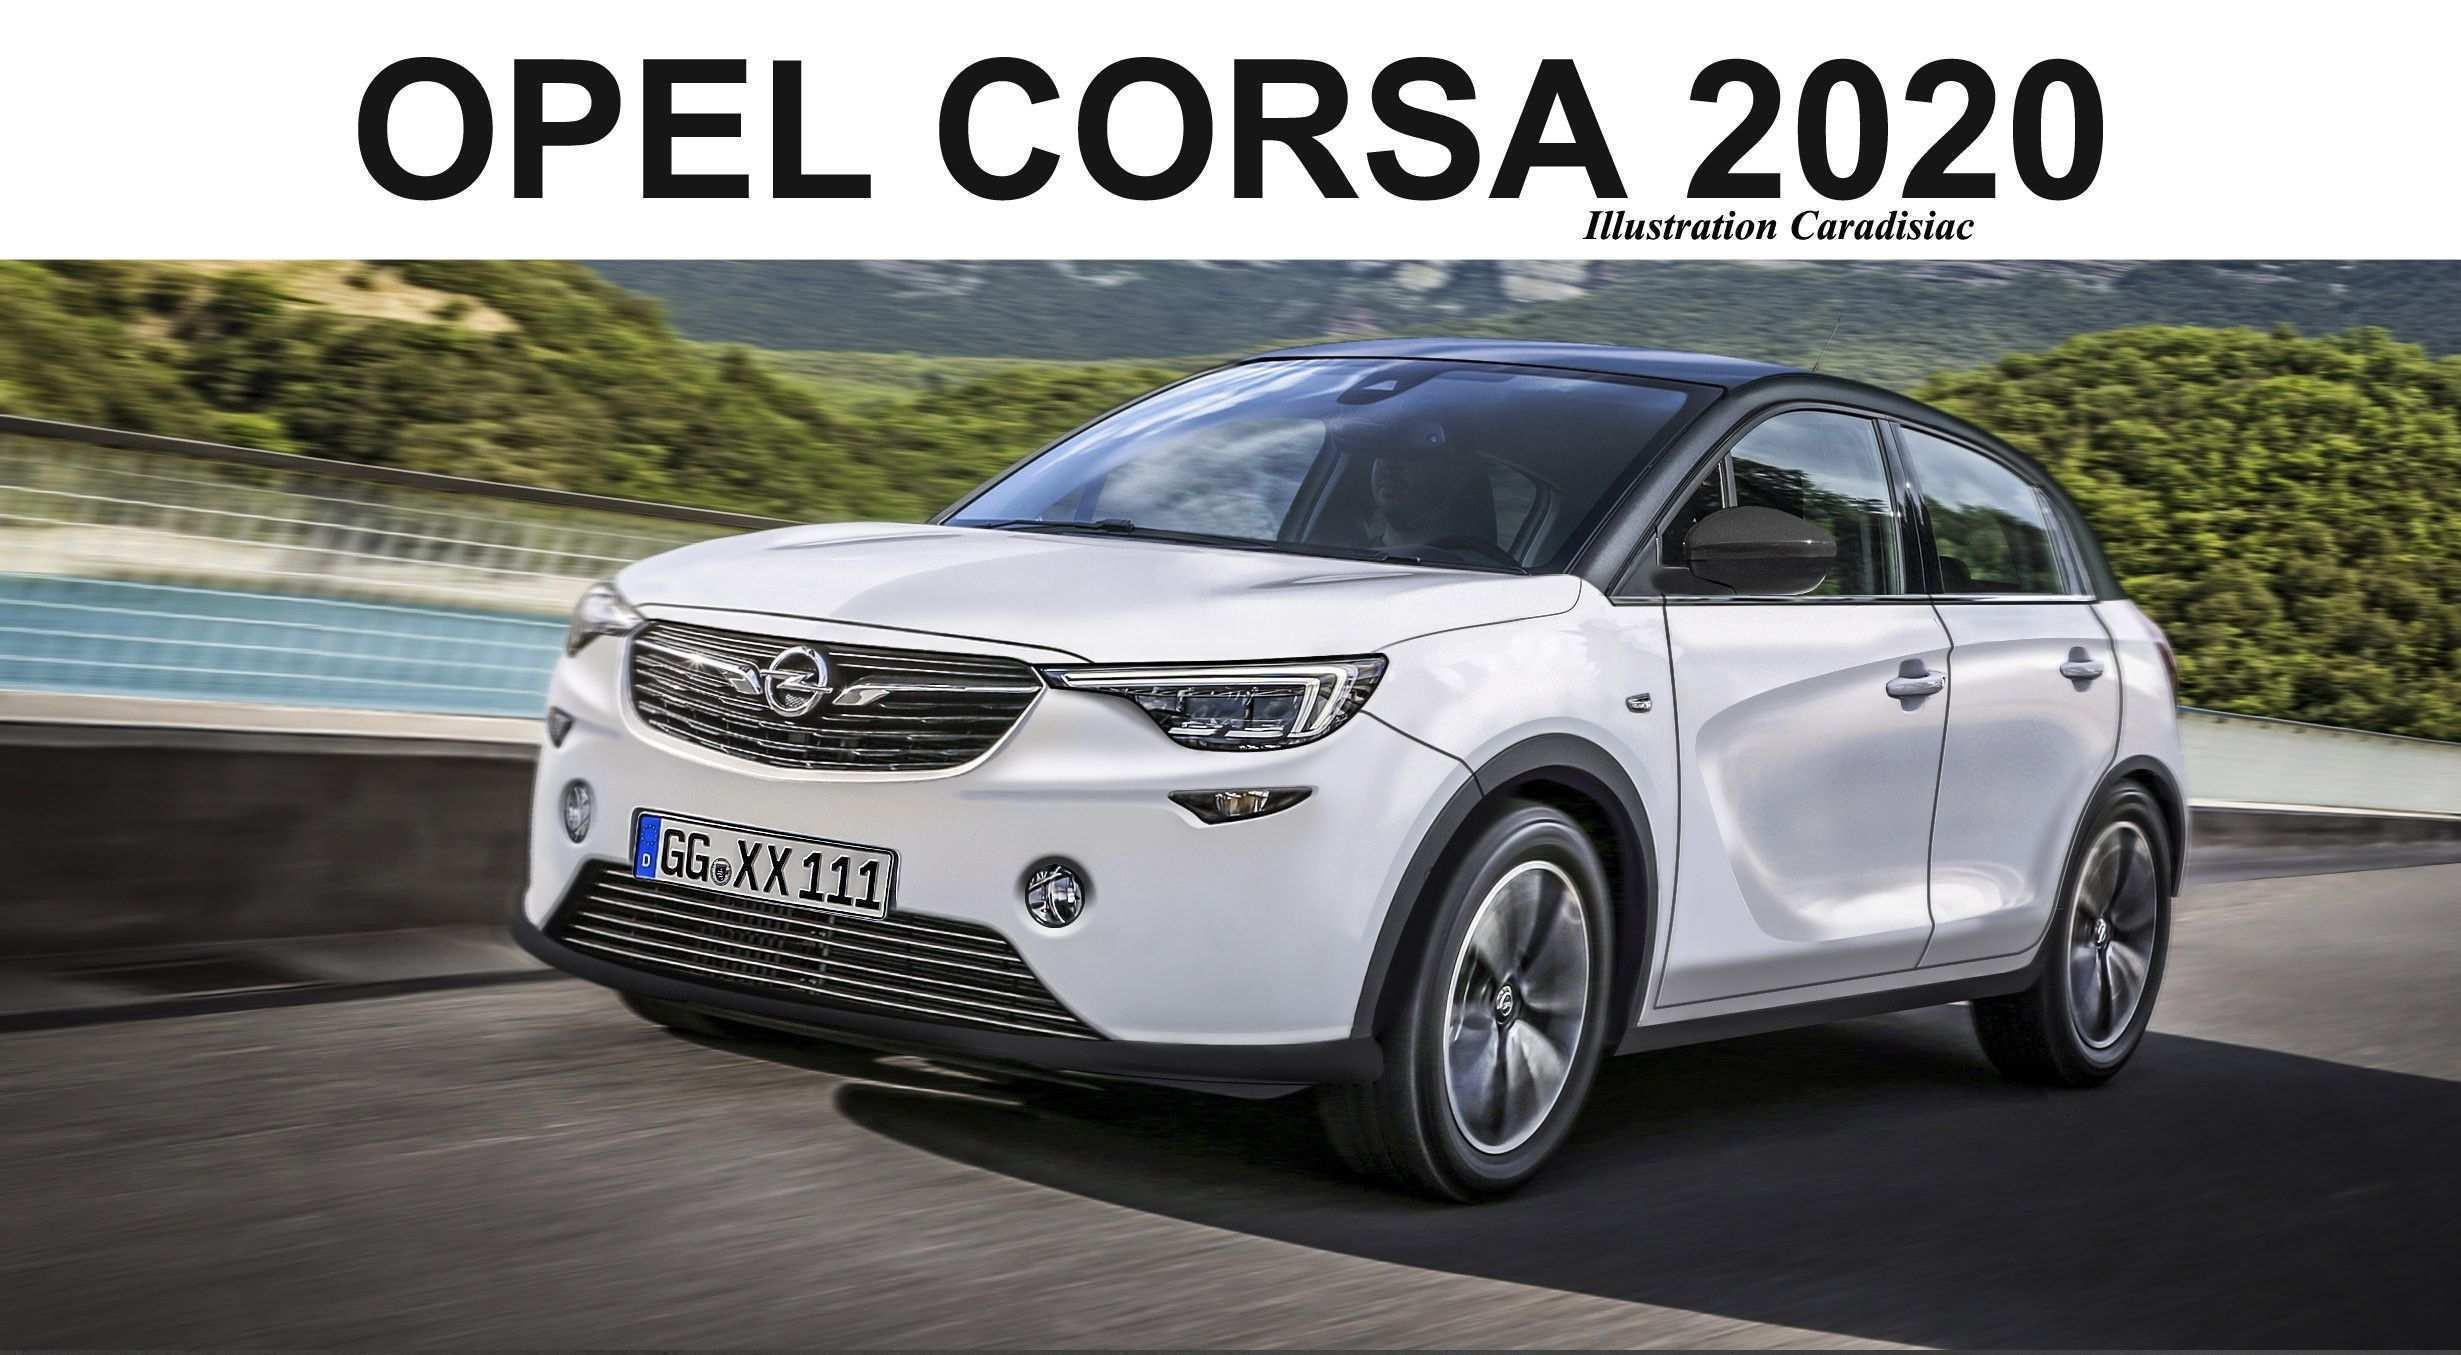 26 New 2020 Opel Corsa Specs by 2020 Opel Corsa